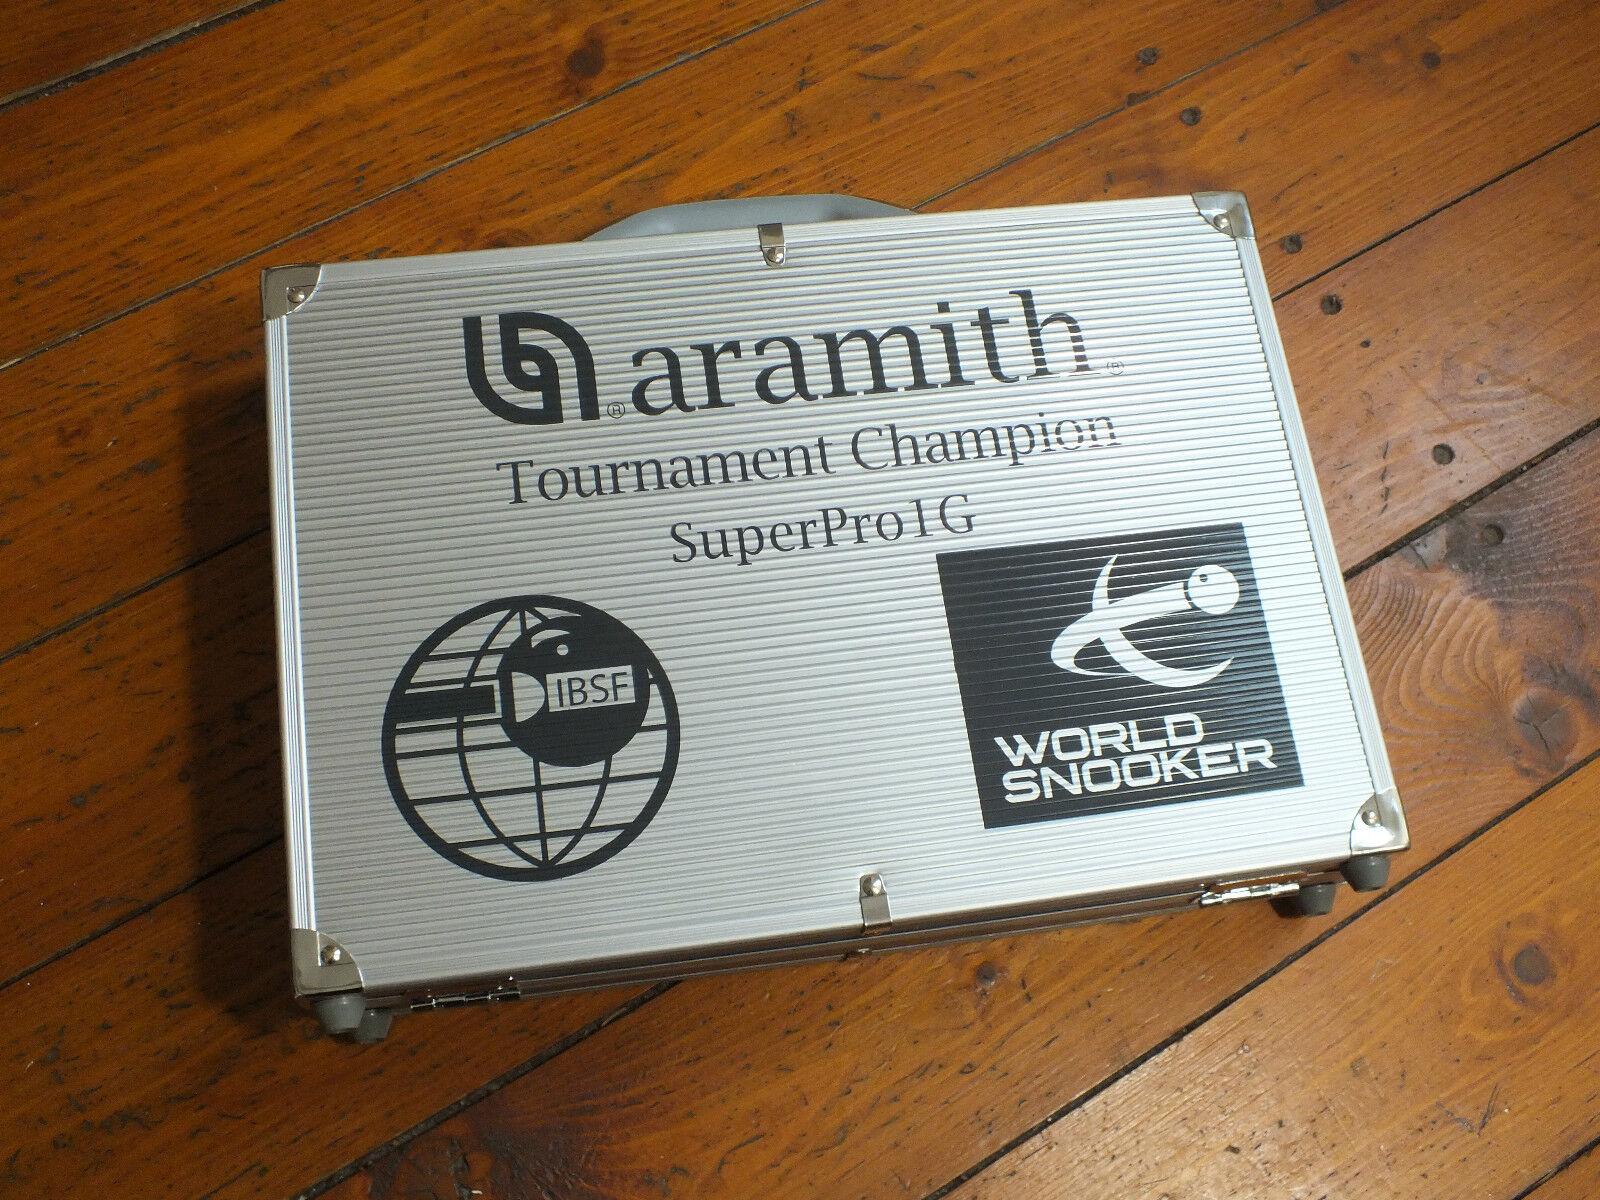 Aramith 1G SUPERPRO World Champion MATCH professionnelle  snooker Balles en cas  à la mode